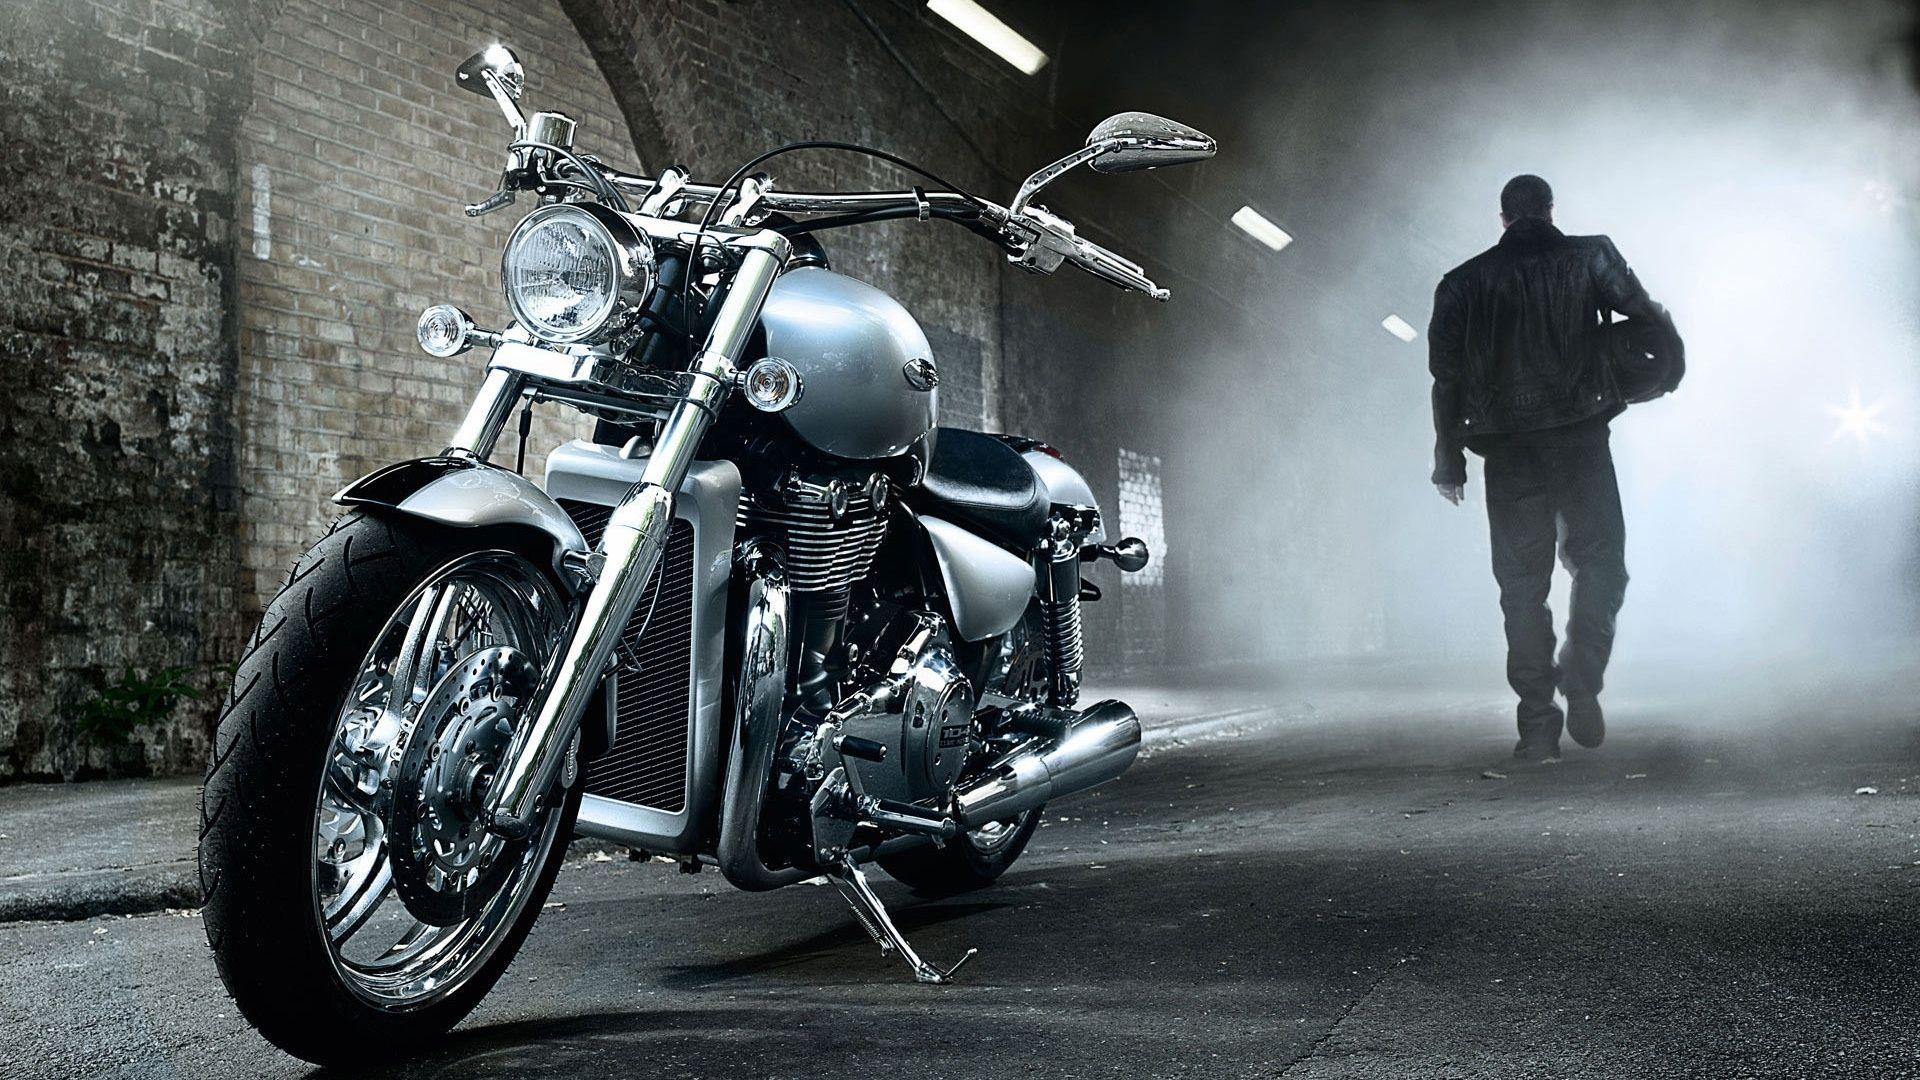 Trouver la moto anglaise a vendre - importateur moto estimation en ligne ukmoto